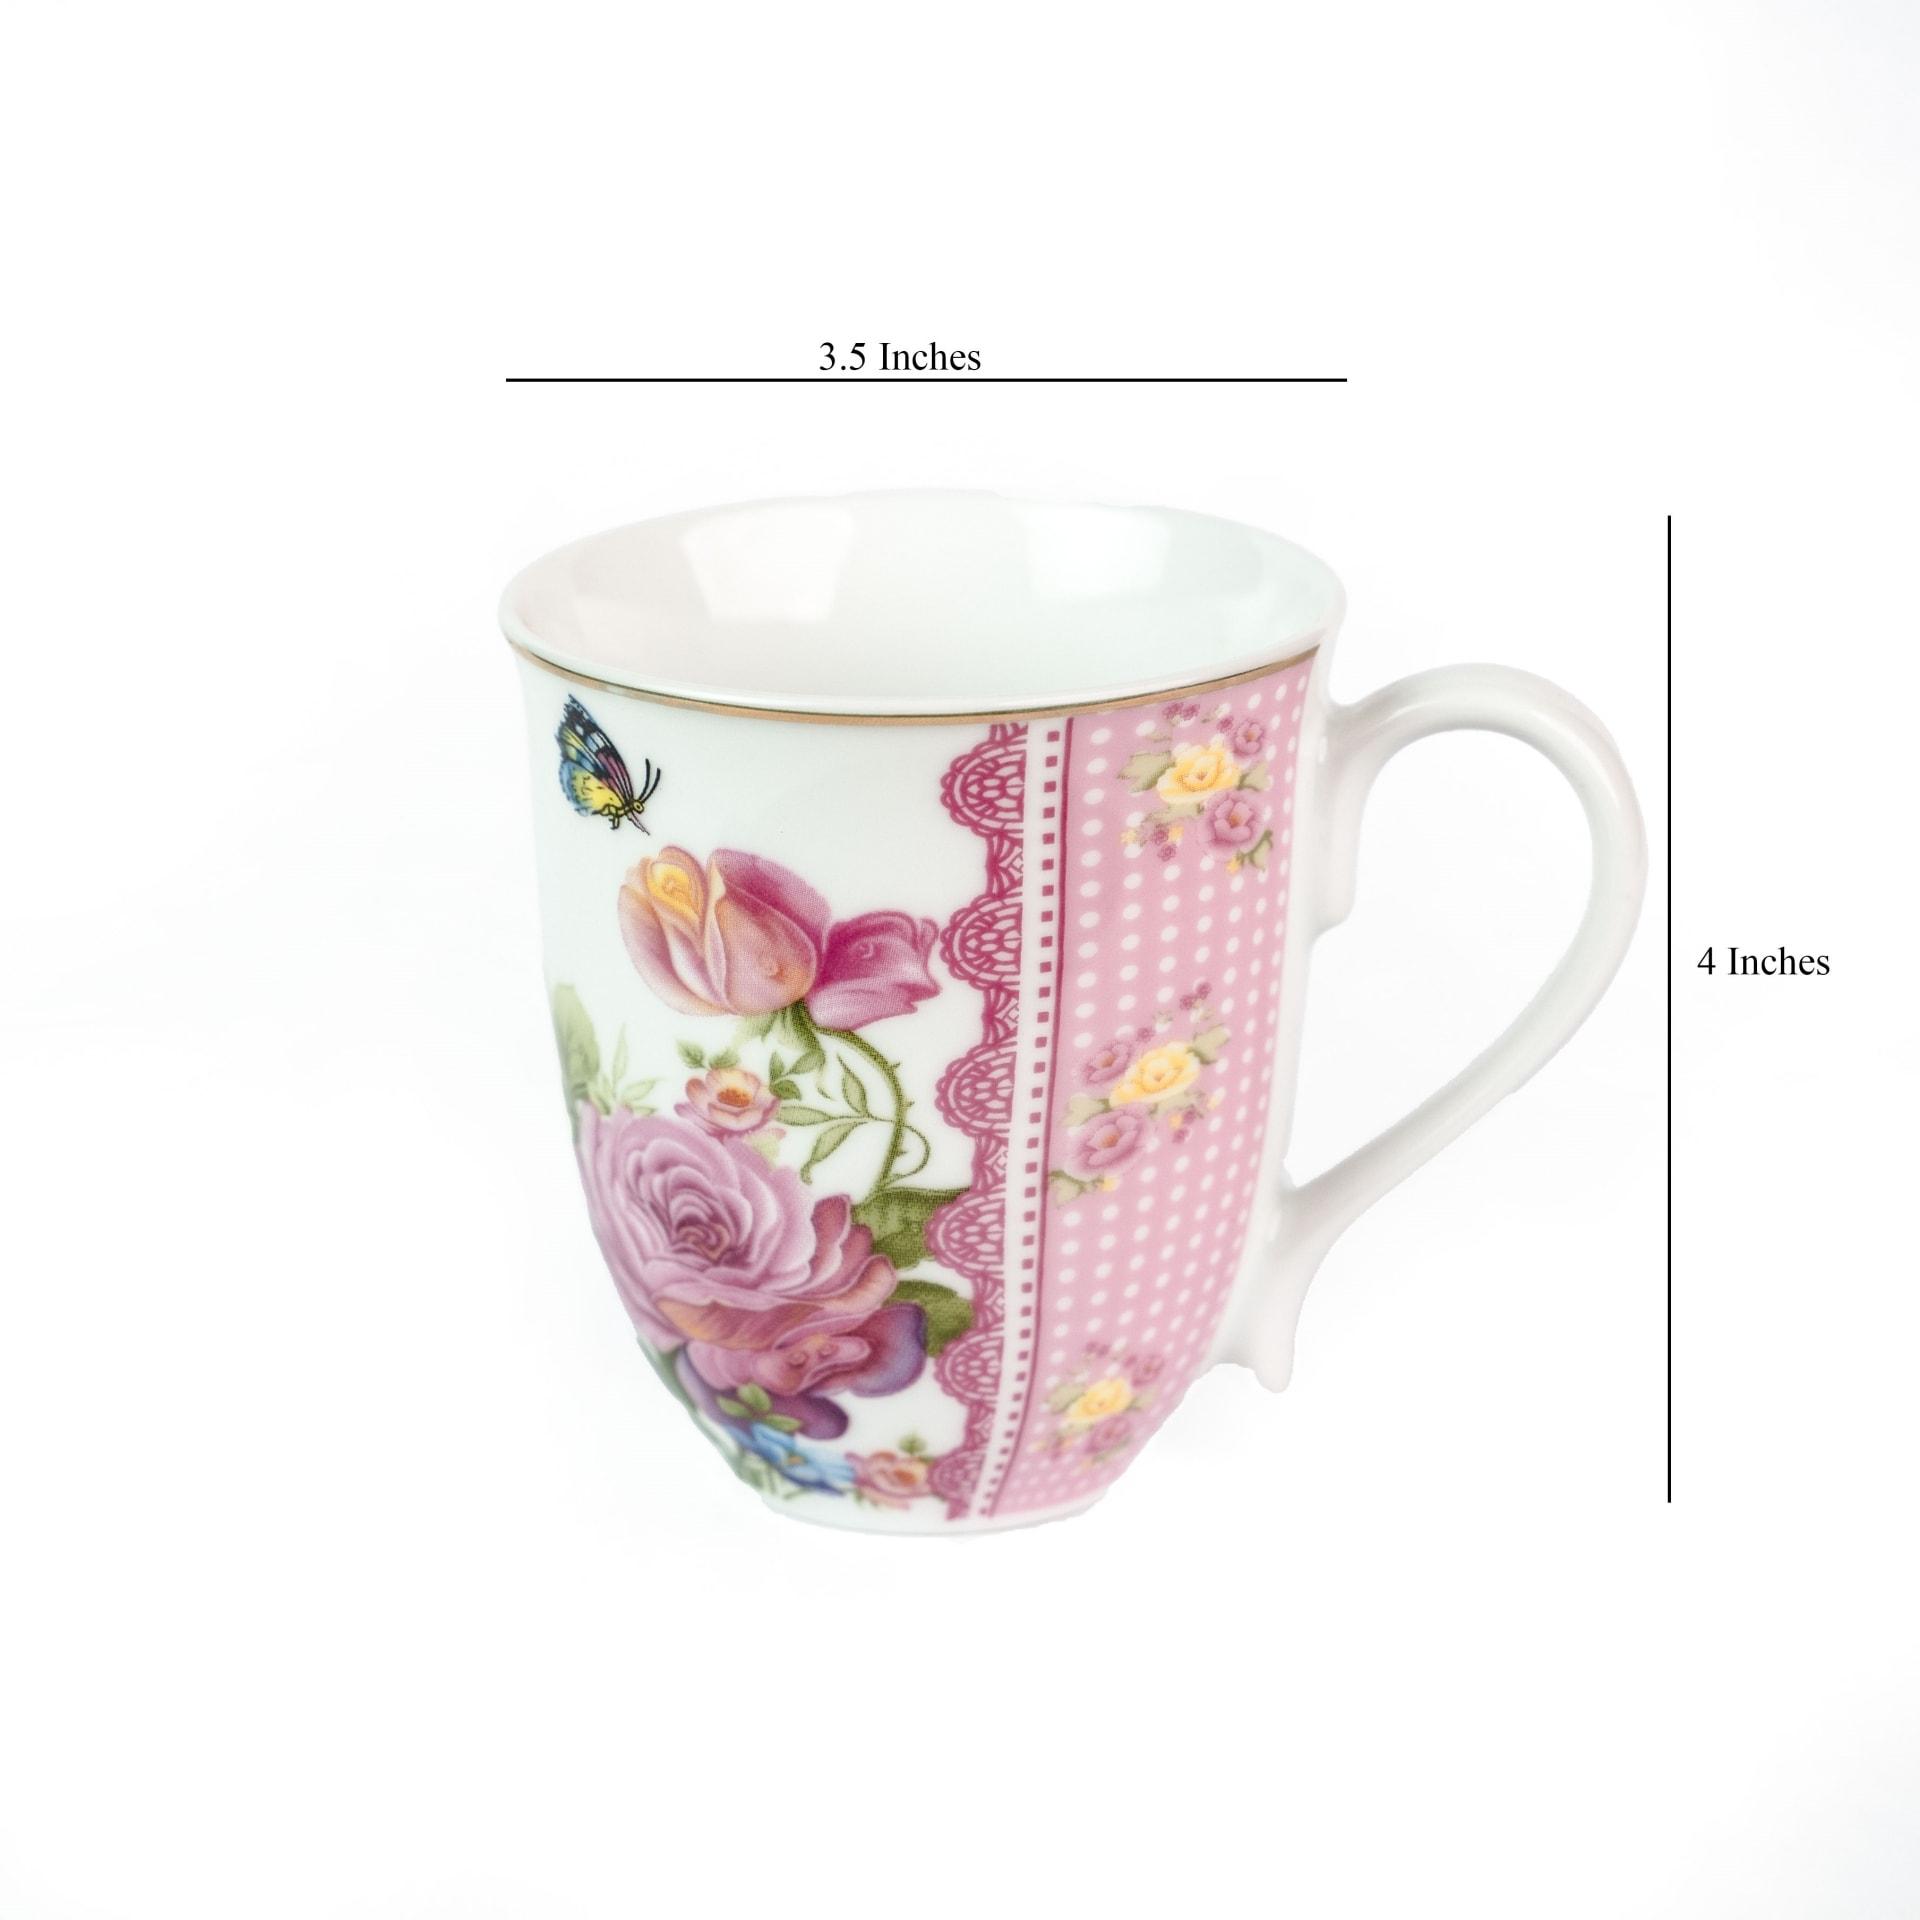 Viola Paeonia Blossom Porcelain Coffee Mug Dimensions